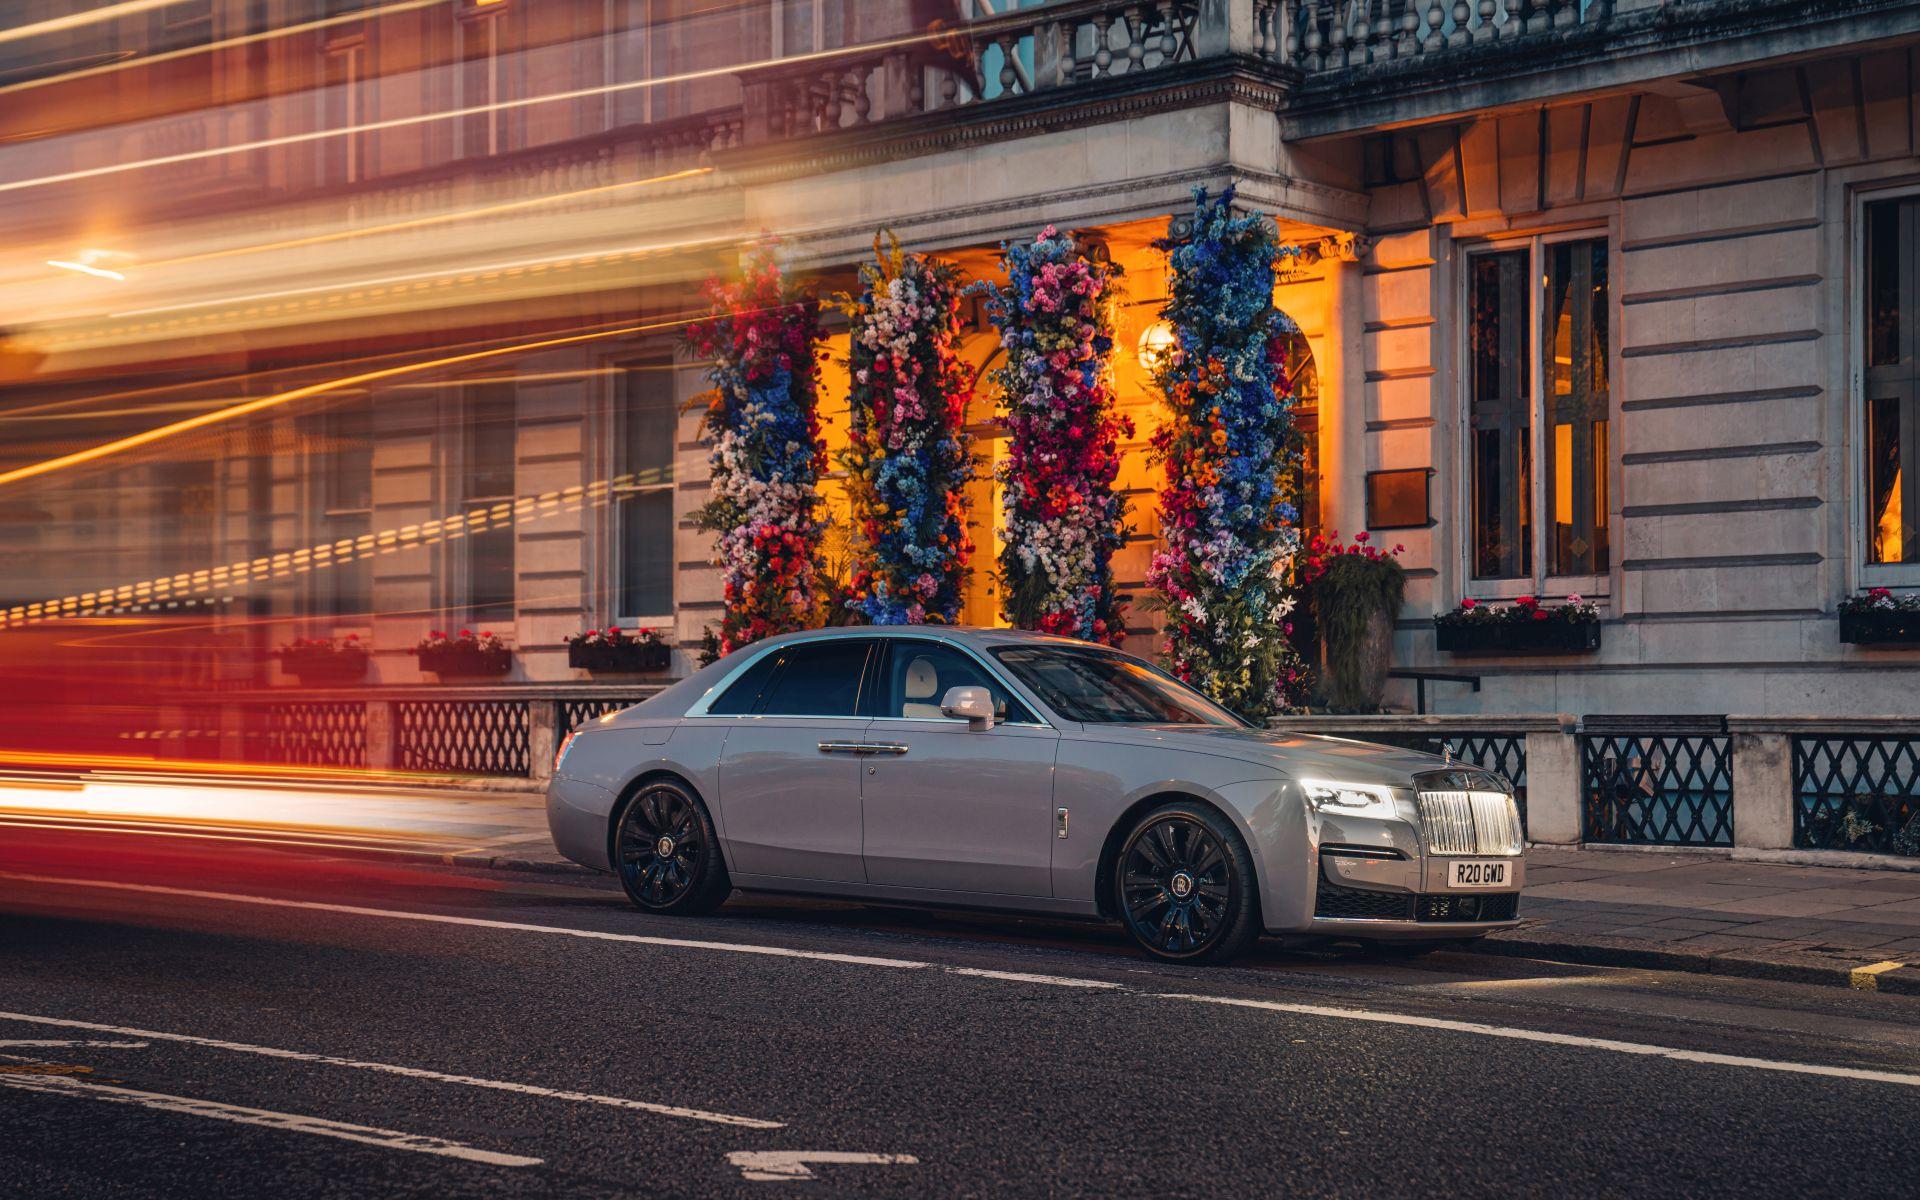 Rolls Royce pilgrimage 2